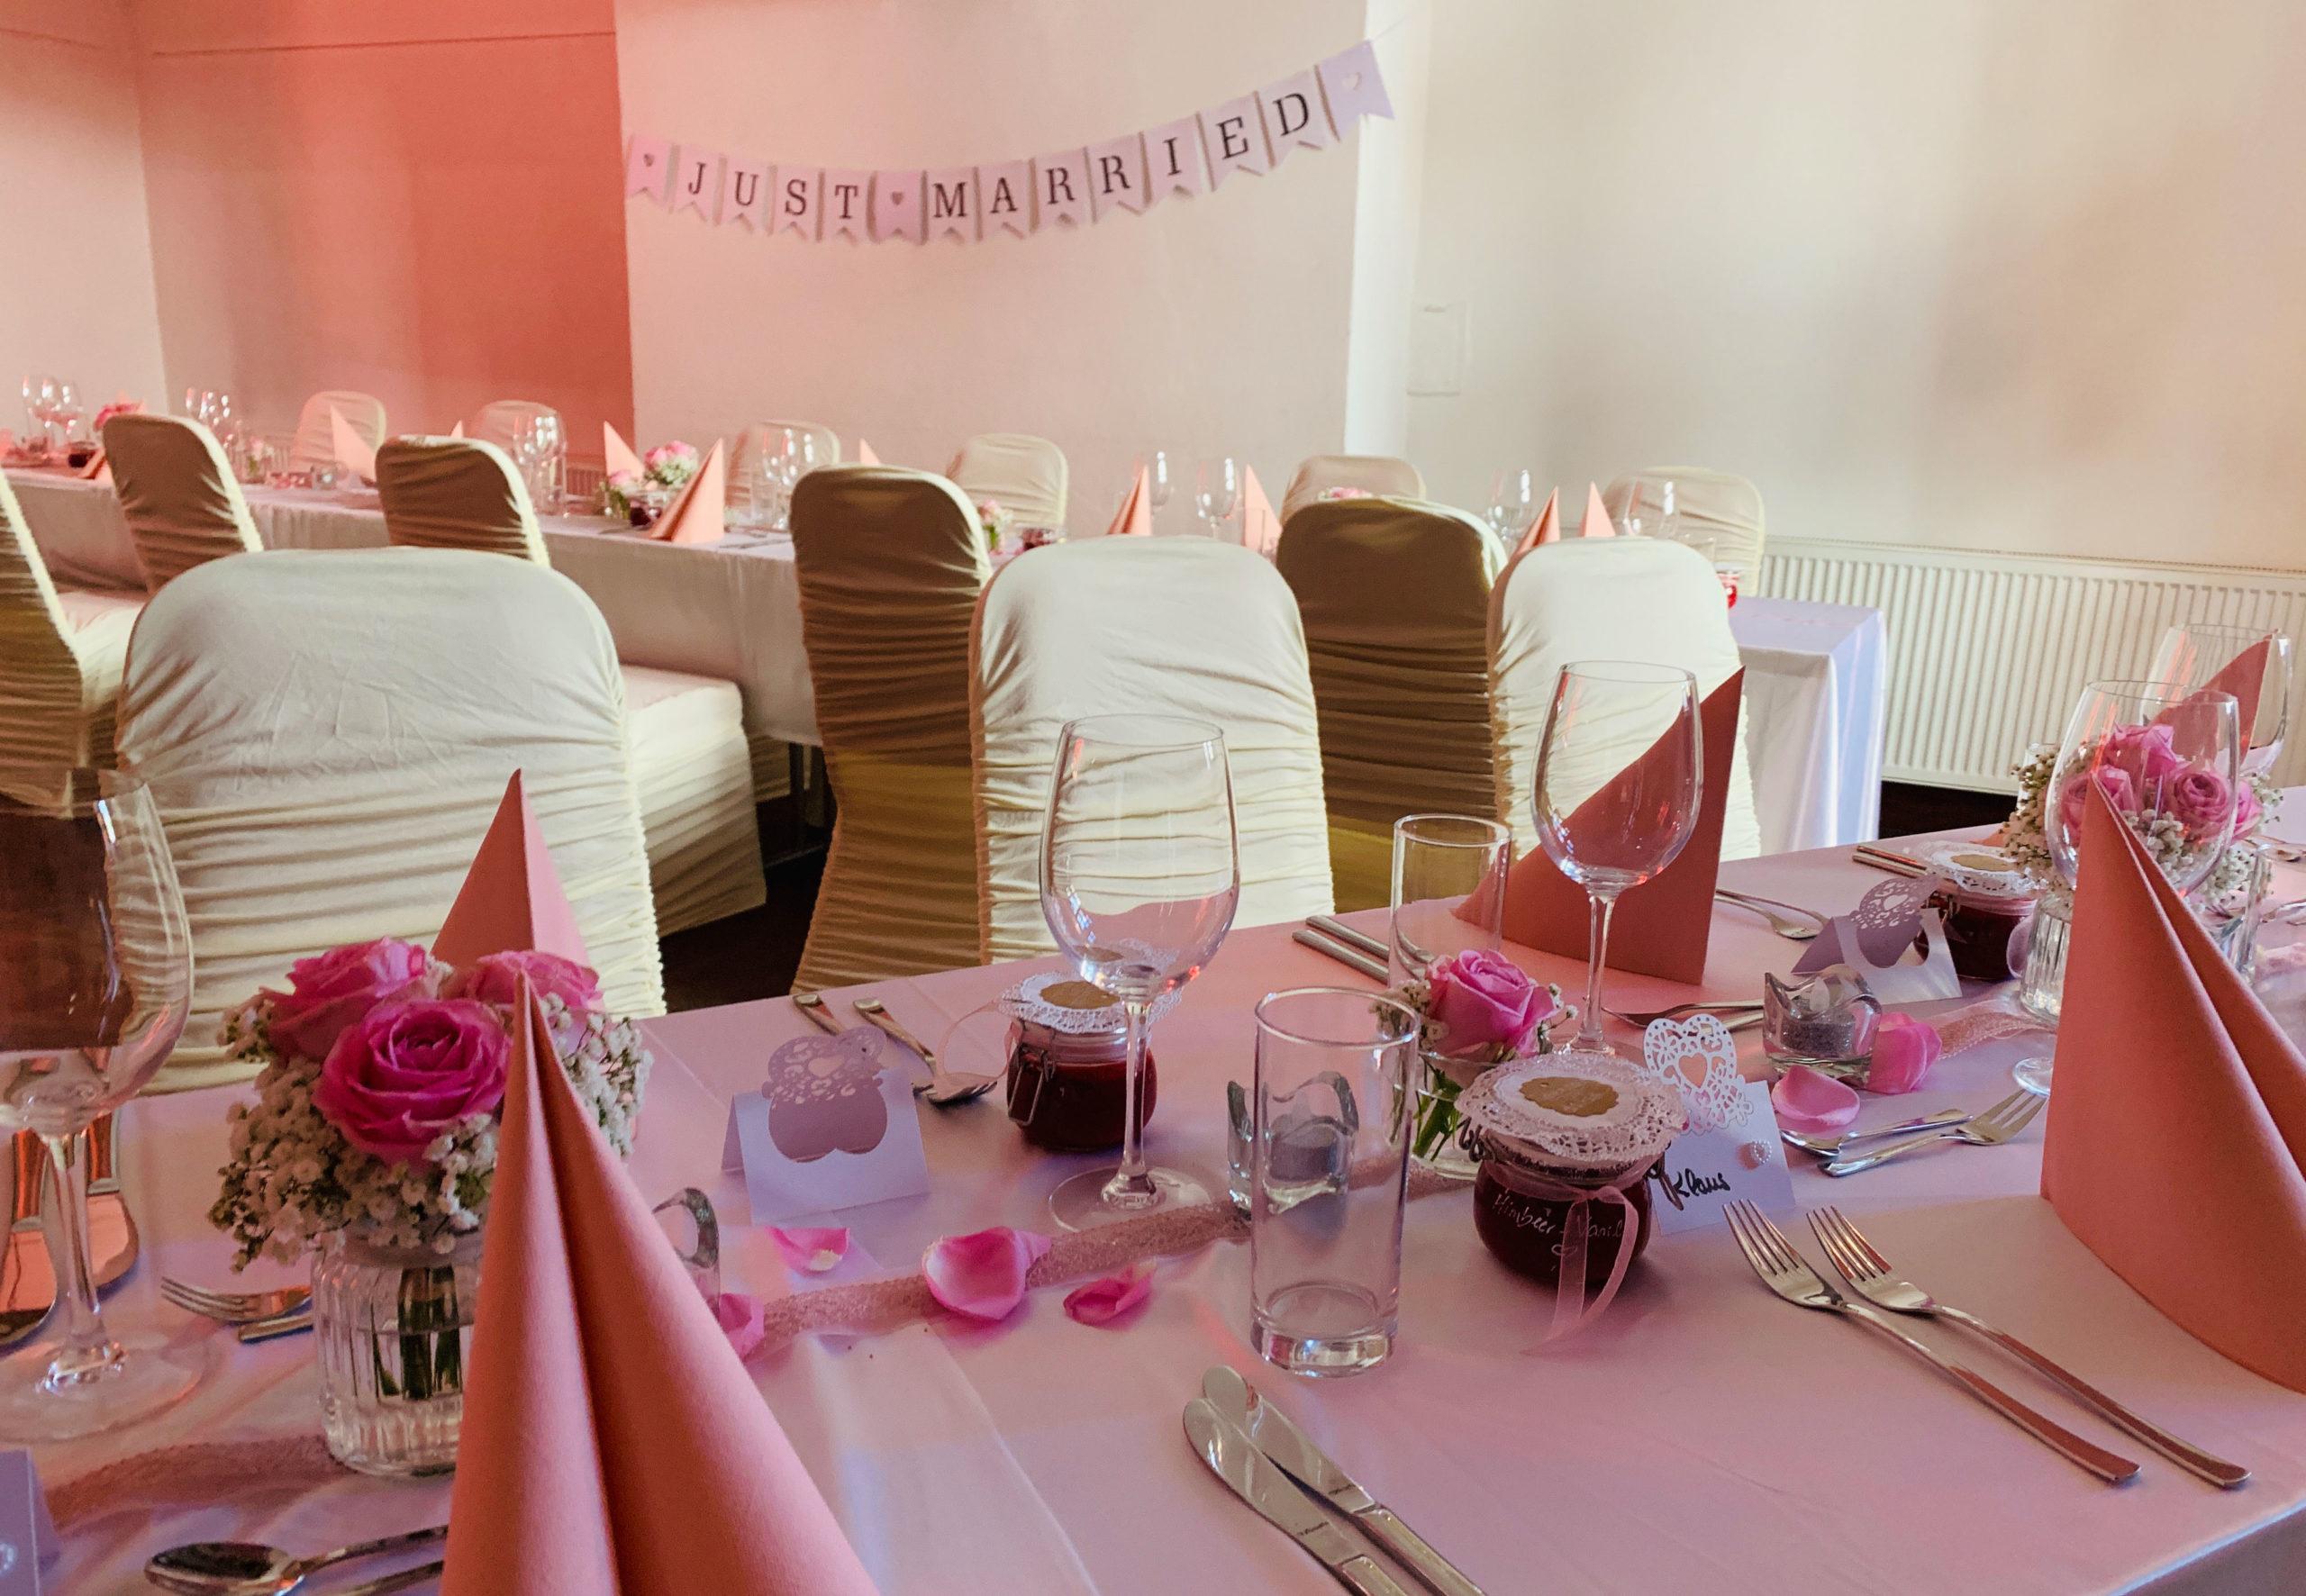 2 Bildkarussell-Hochzeit-IMG_3517-1300x900